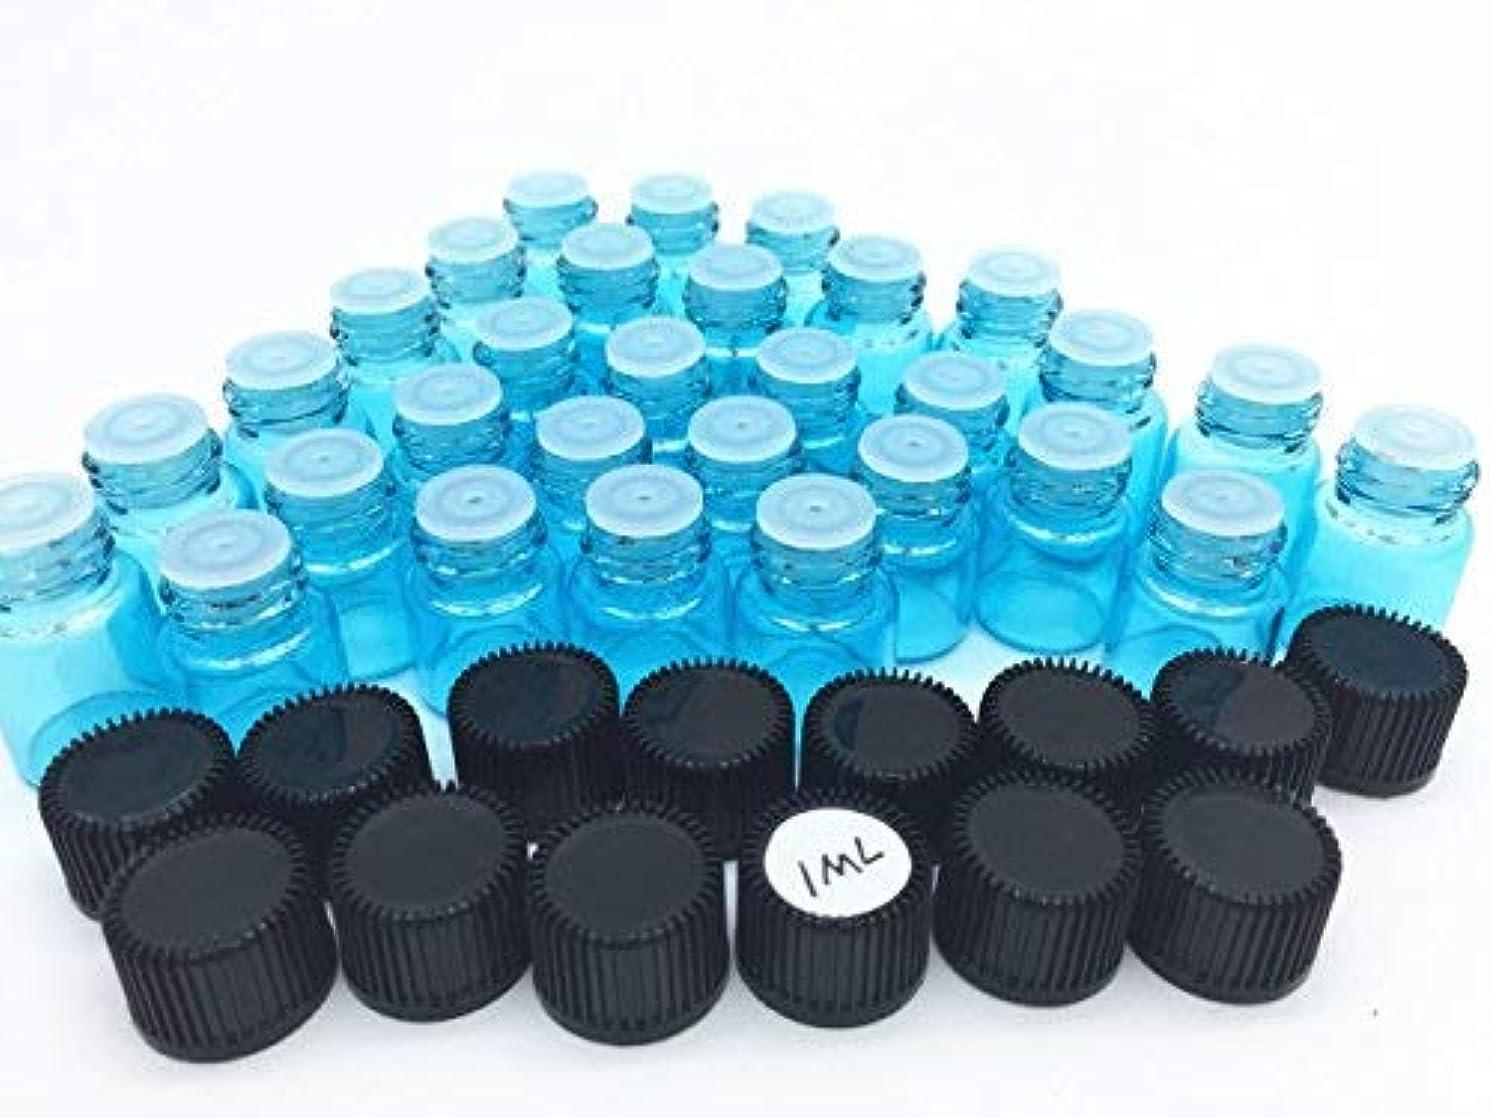 マウントバンク機関車ビデオElufly 100pc 1ML/2ML Sky Blue Glass Vials 6 Parts Essential Oil Reagent Bottles (100pc 1ML) [並行輸入品]